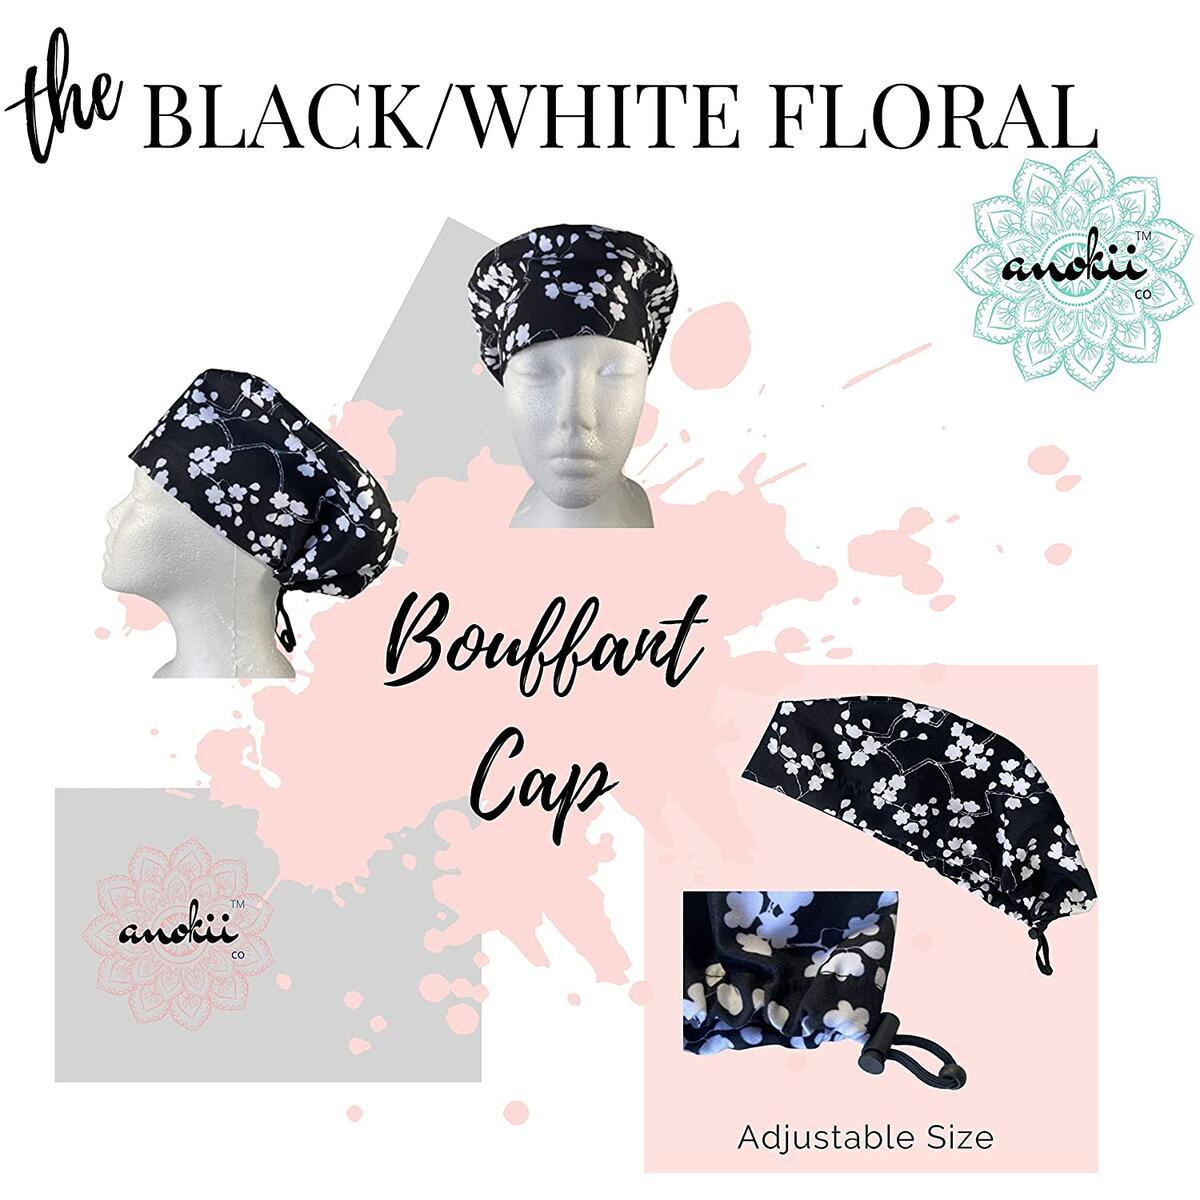 ANOKII CO Bouffant Hair Cap - Premium Adjustable Bonnet for Women Lightweight